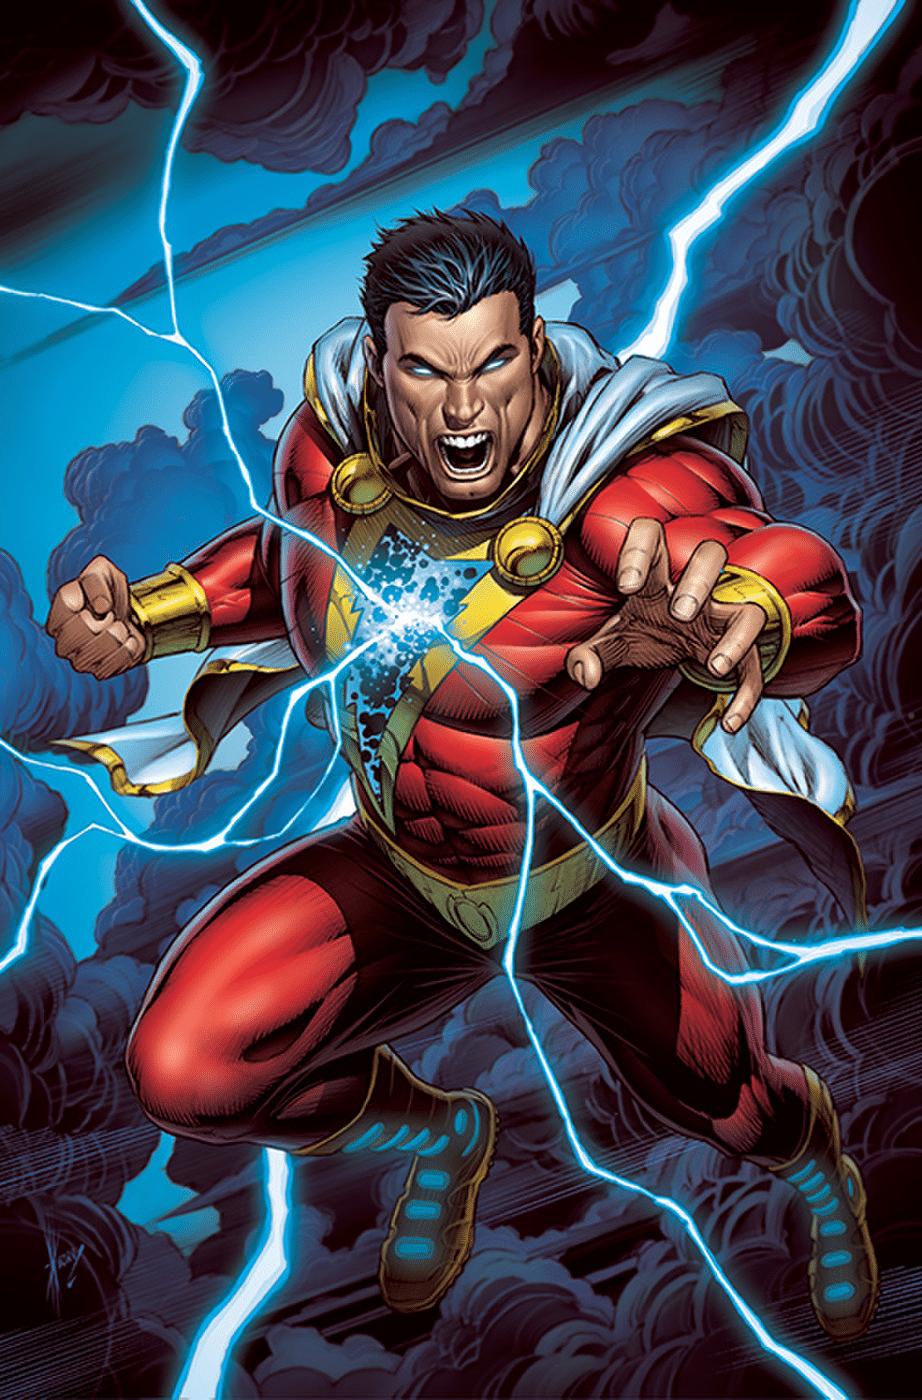 Justice League et Shazam! changent de scénariste 4